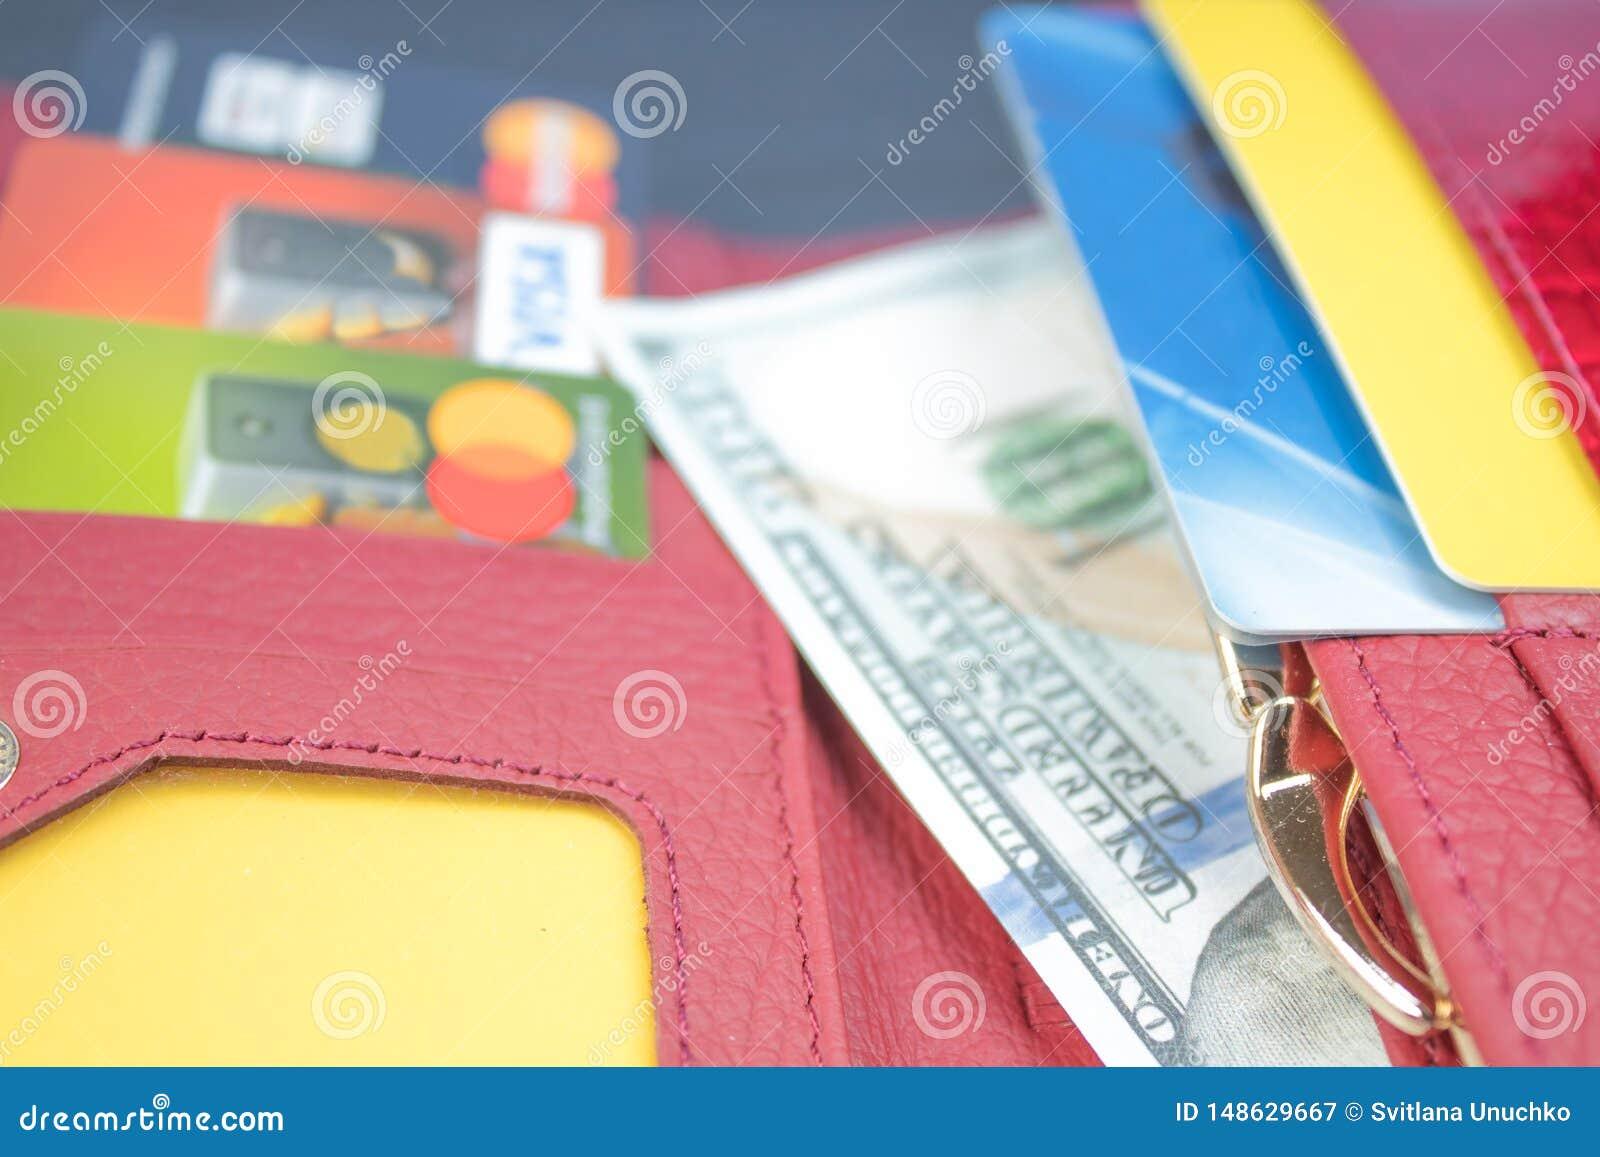 Открытый бумажник с картами и долларовыми банкнотами банка